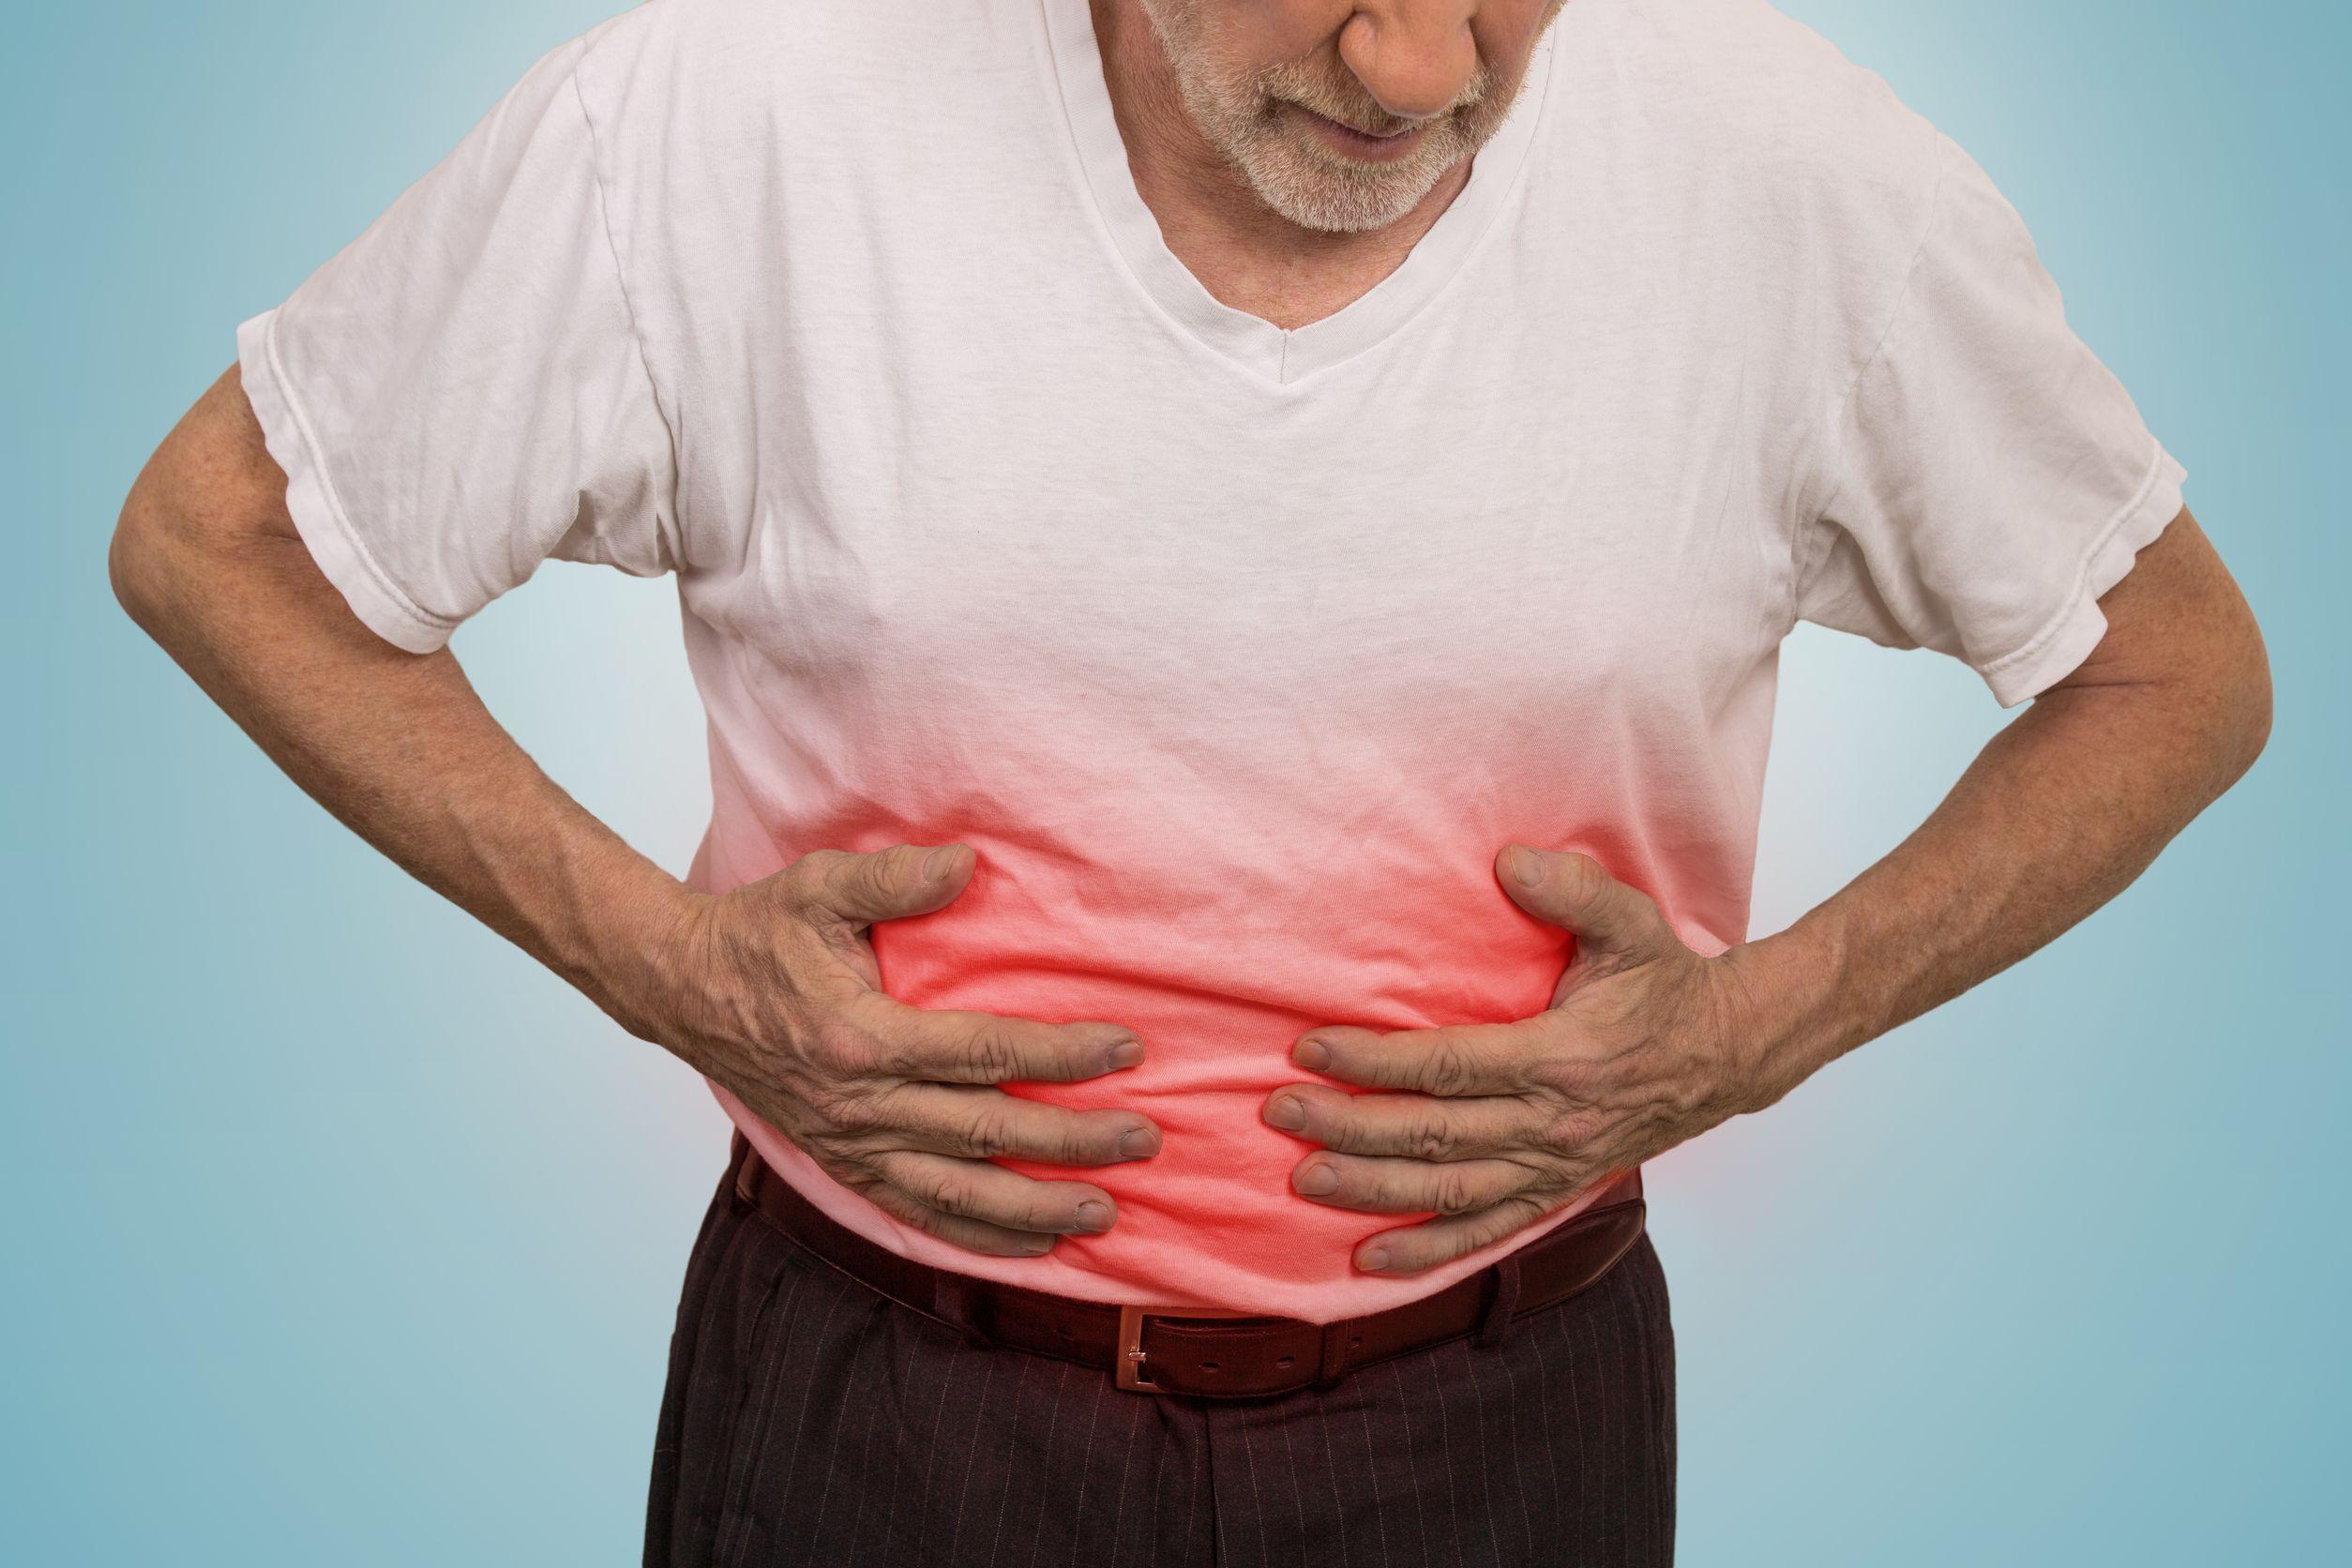 Чем лечить желудок и кишечник: причины и симптомы патологий ЖКТ